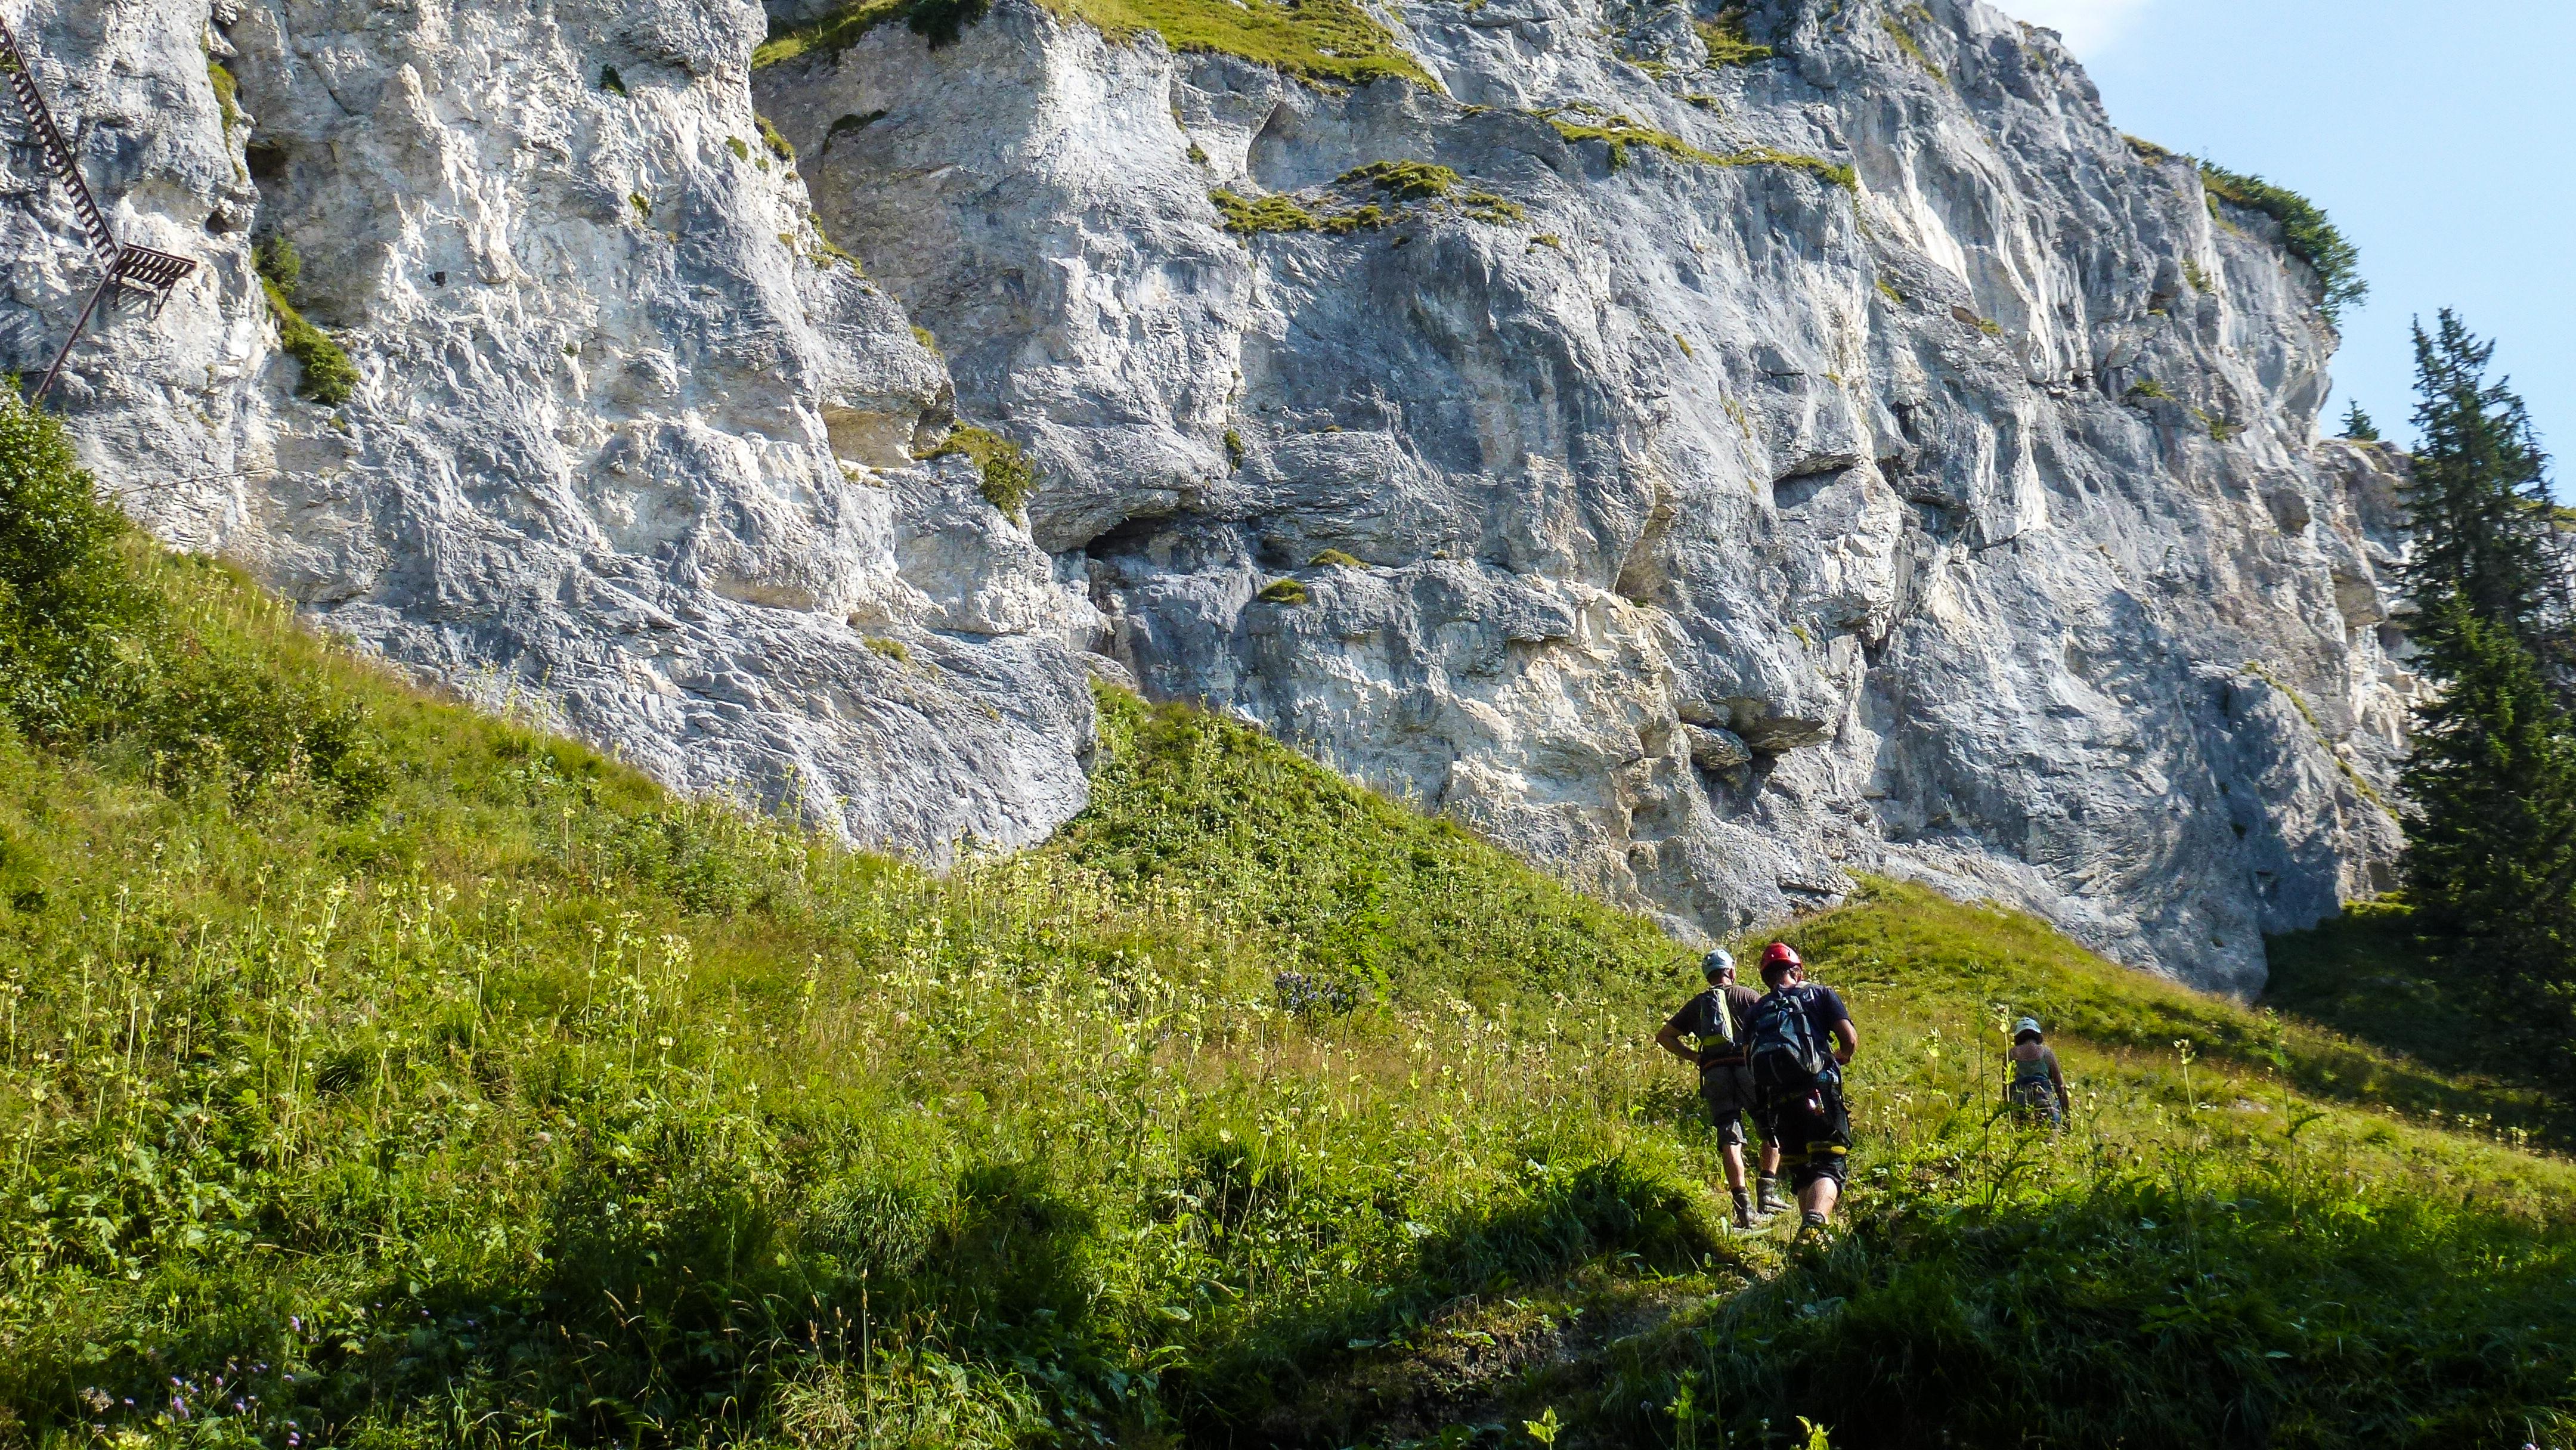 Klettersteig Pinut : Der kletterseig pinut u eine via ferrata hoch über flims bergwelt